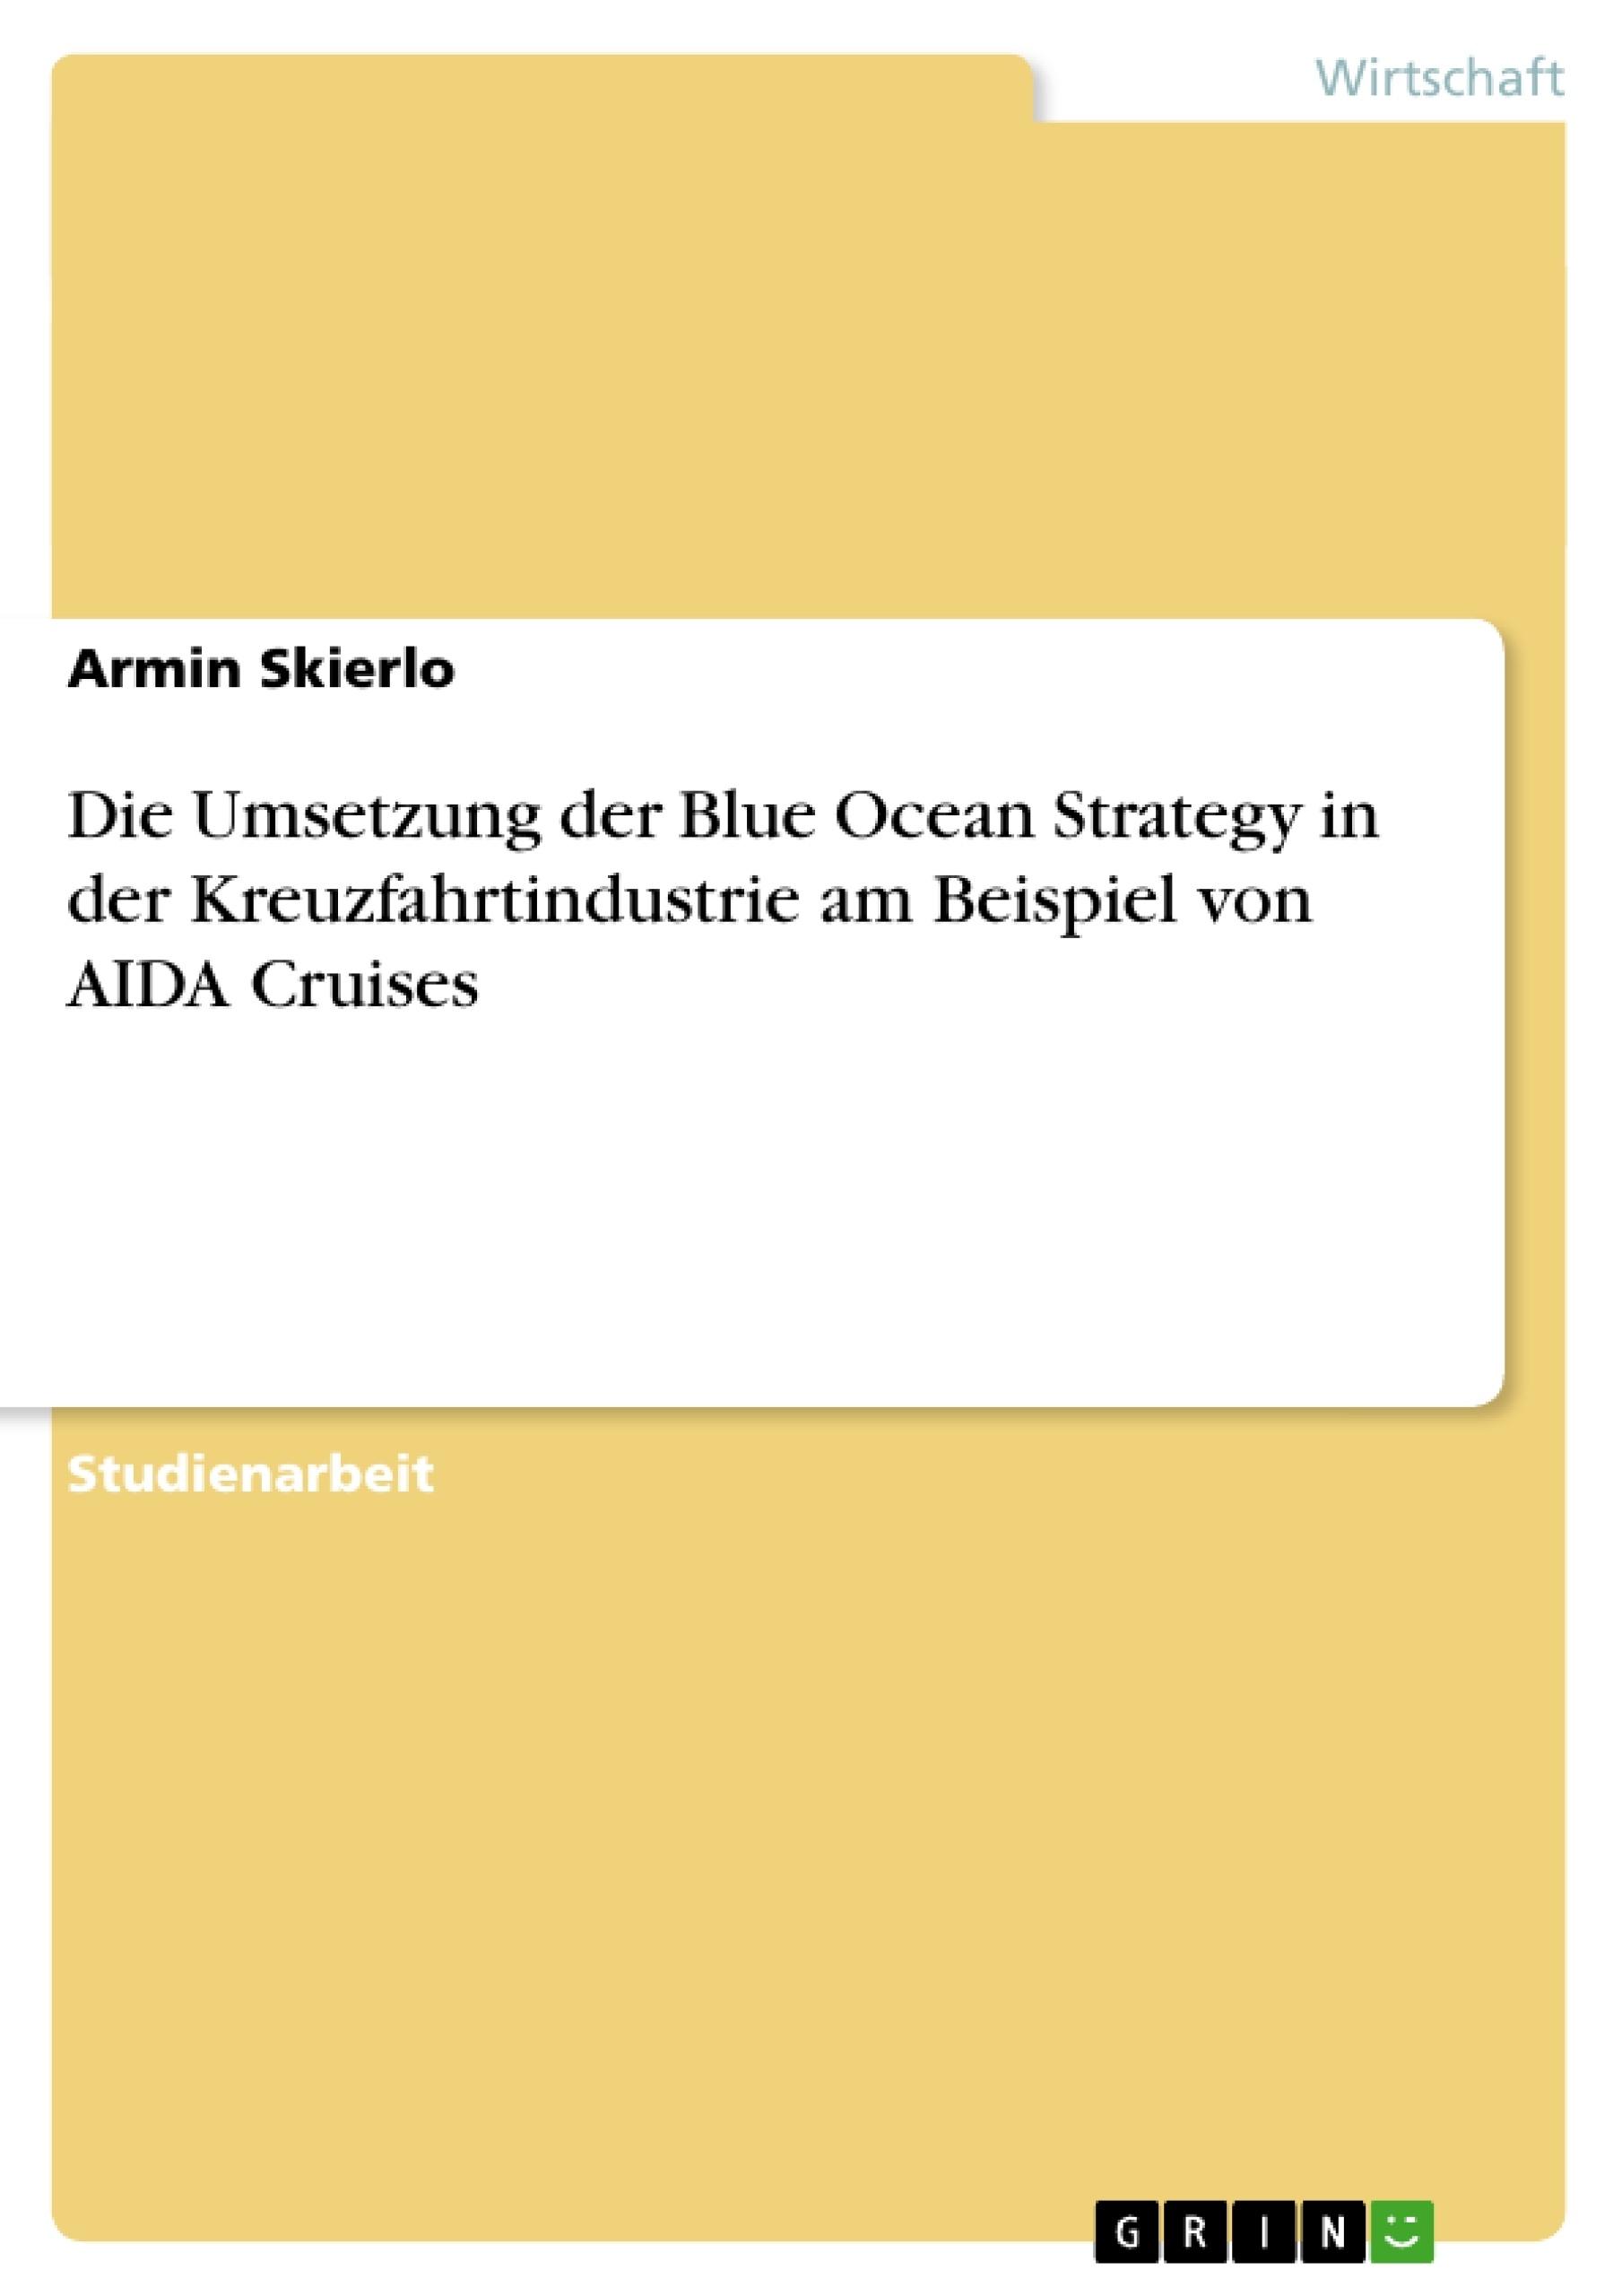 Titel: Die Umsetzung der Blue Ocean Strategy in der Kreuzfahrtindustrie am Beispiel von AIDA Cruises